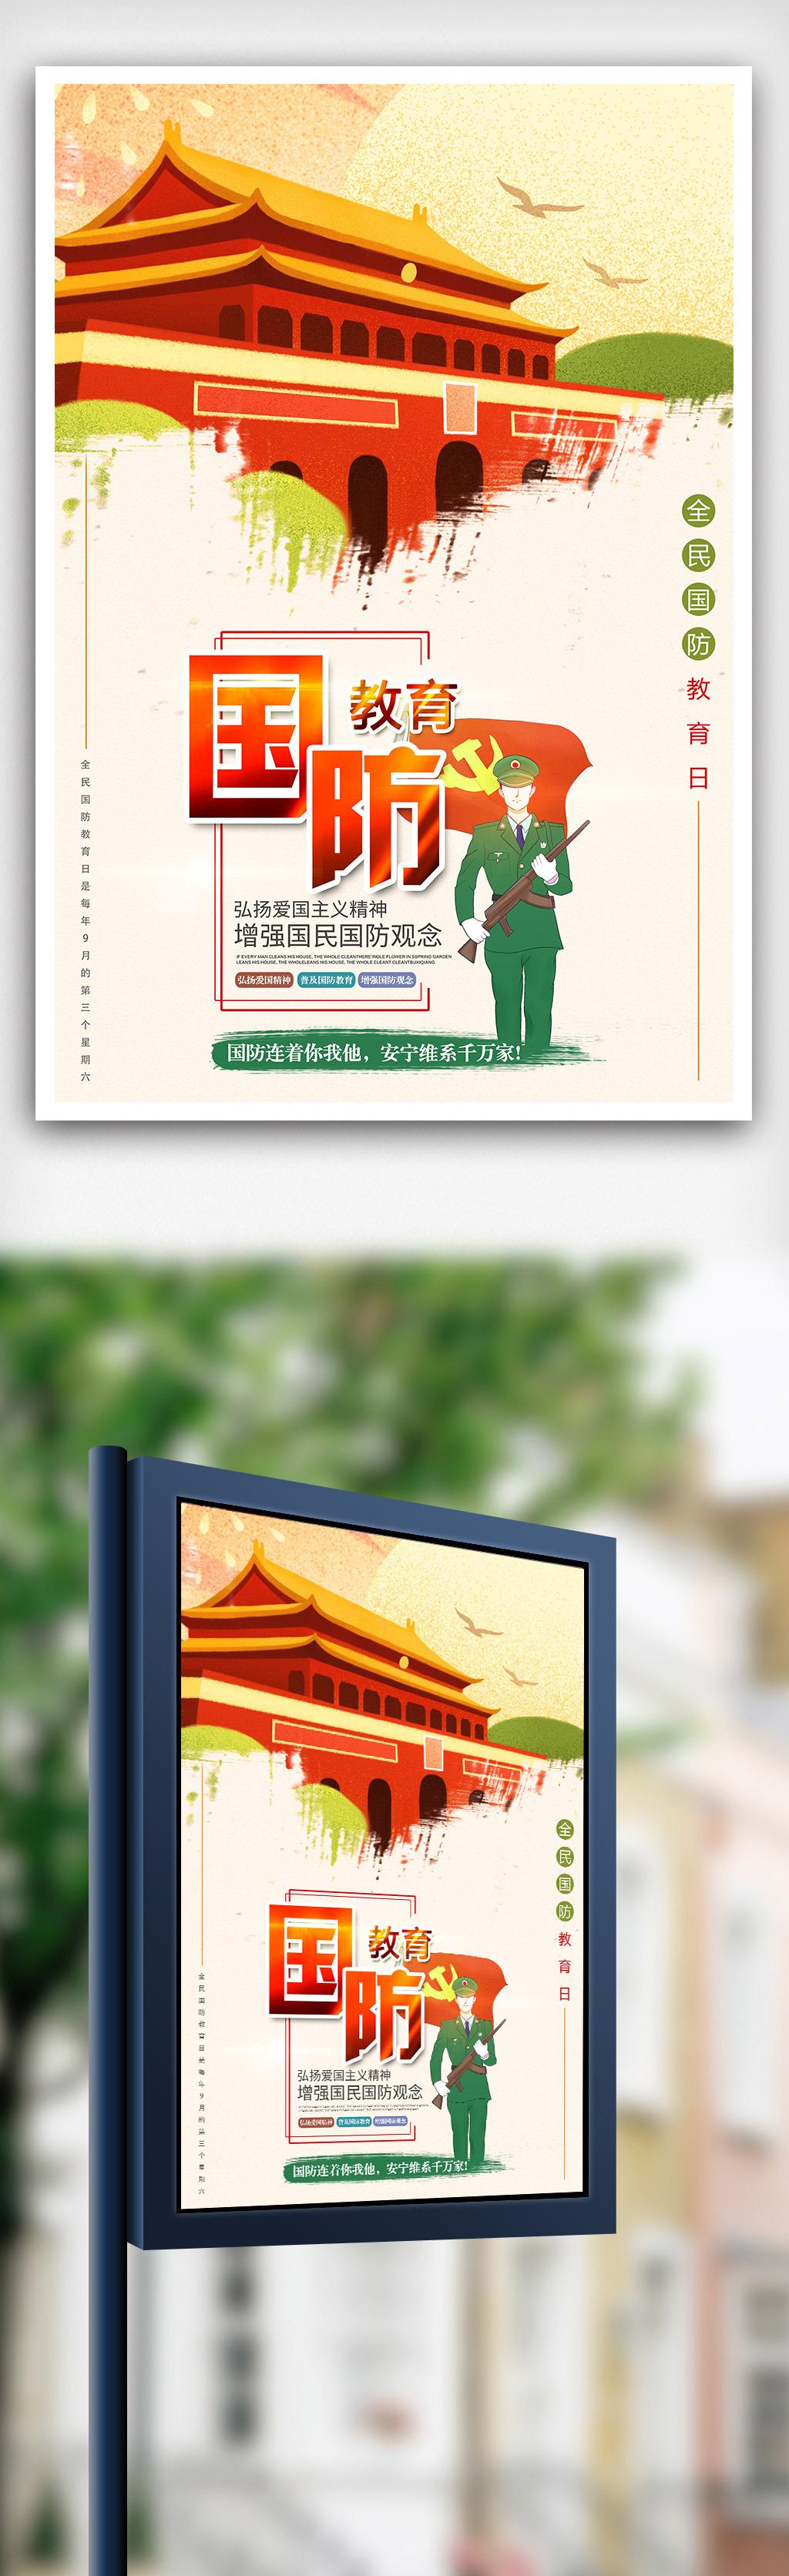 2018都手绘卡通全民国防教育日海报